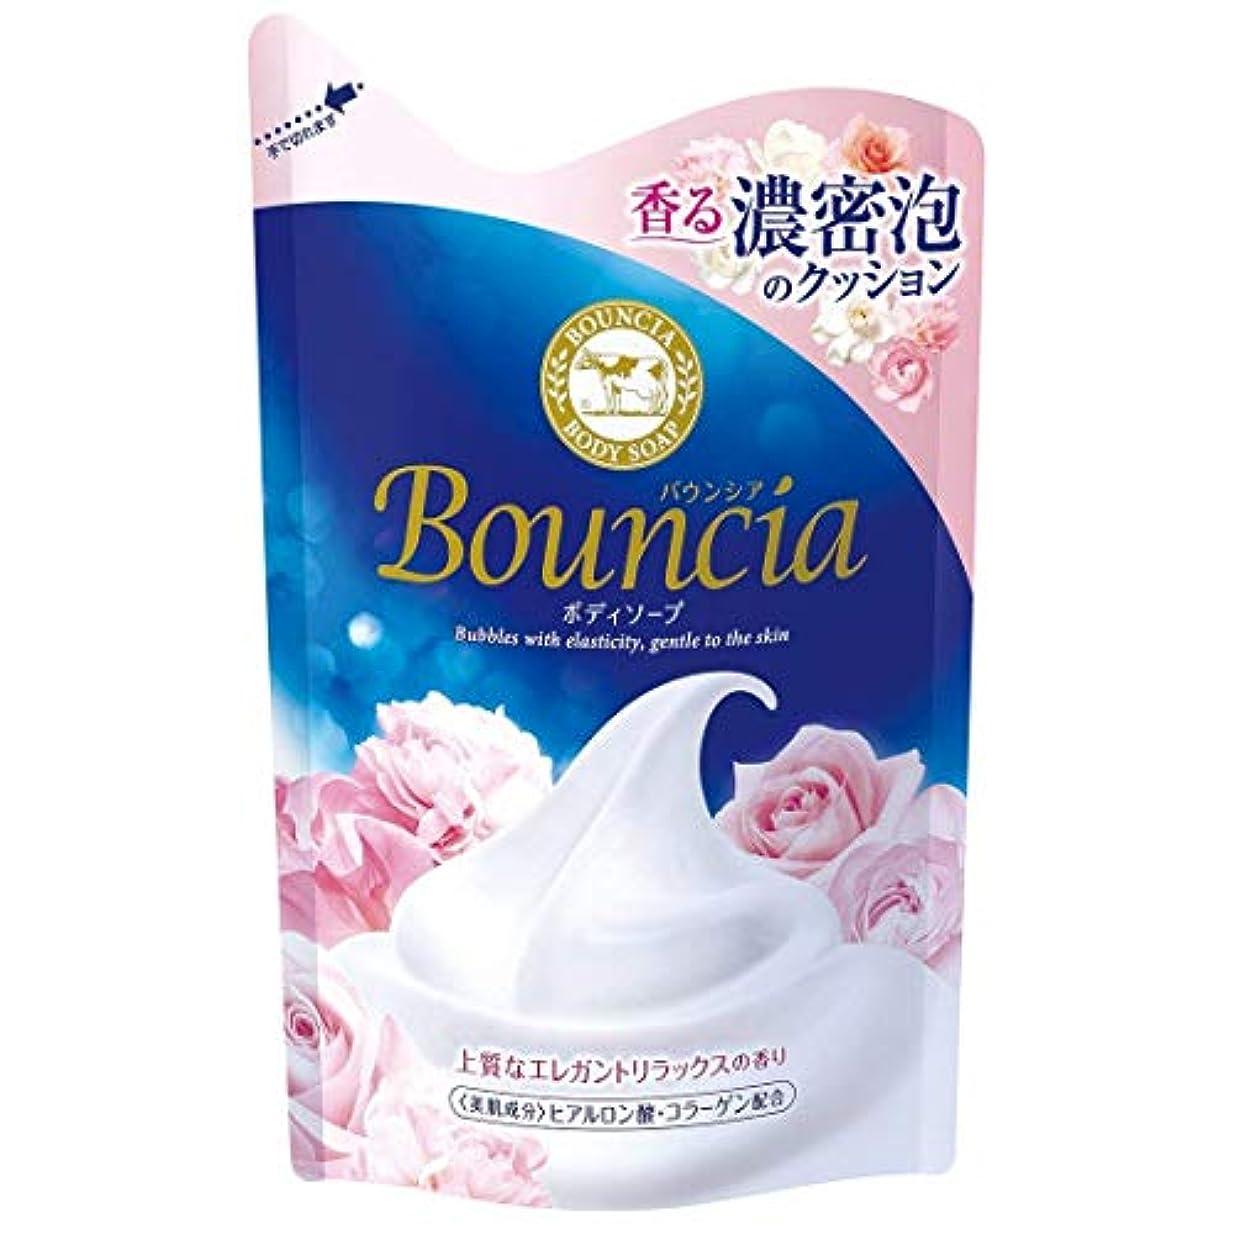 高音解くさびた【まとめ買い】 バウンシア ボディソープ エレガントリラックスの香り つめかえ用 430ml × 3個